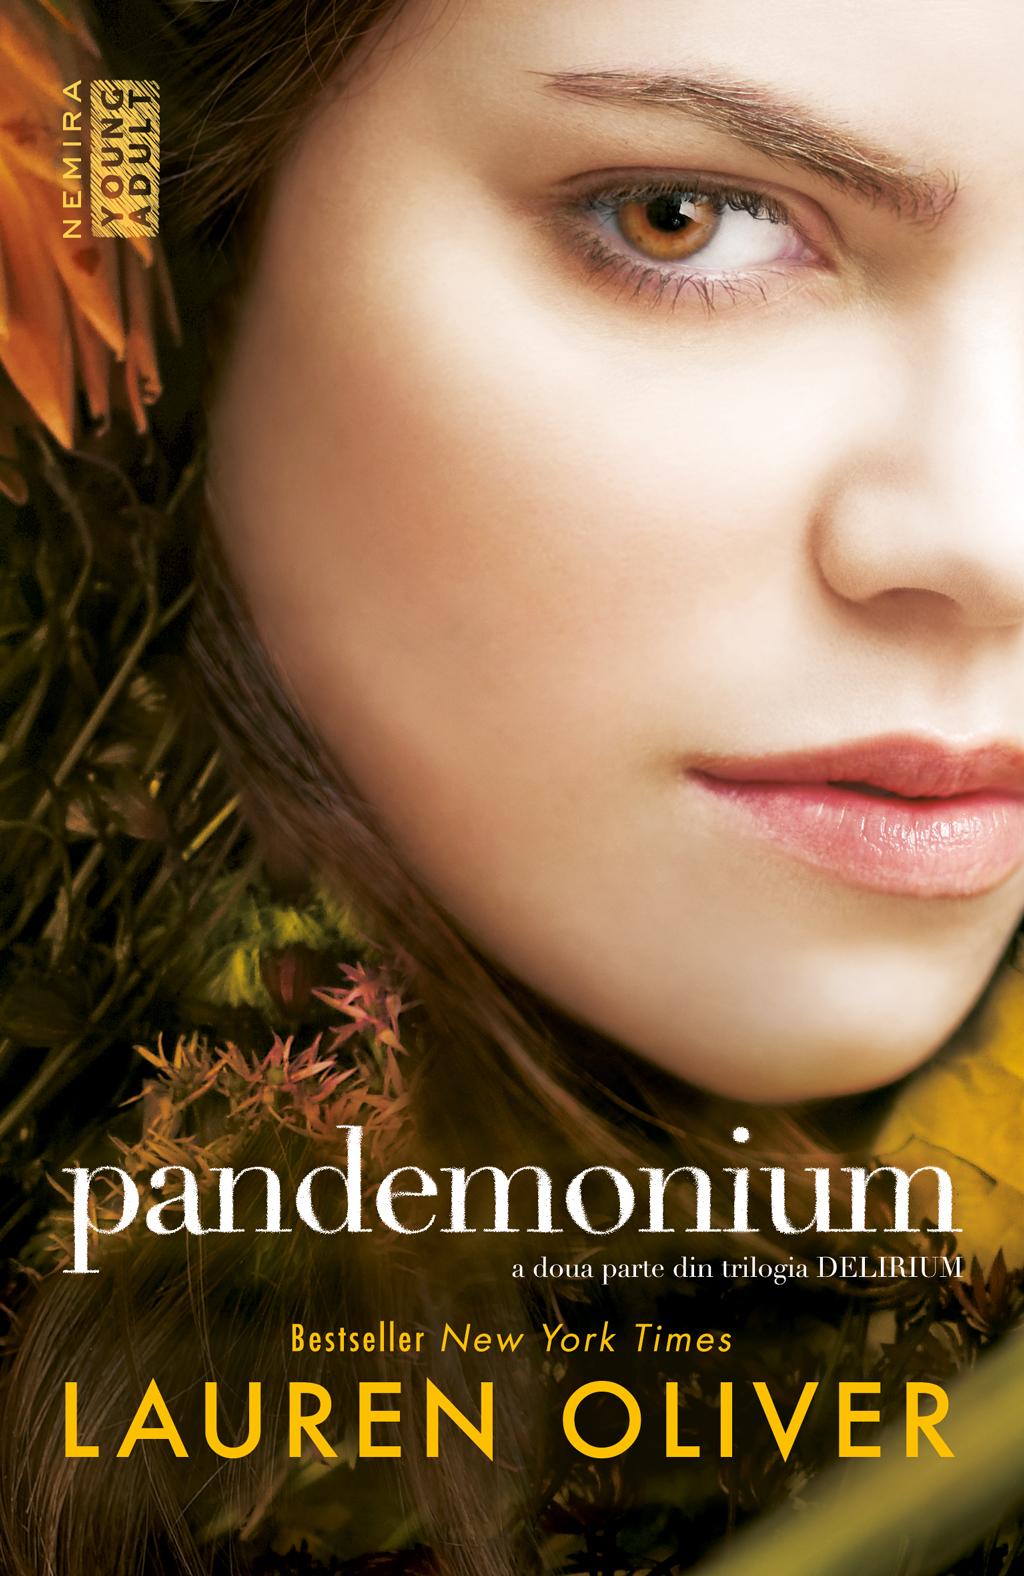 Delirium: Pandemonium